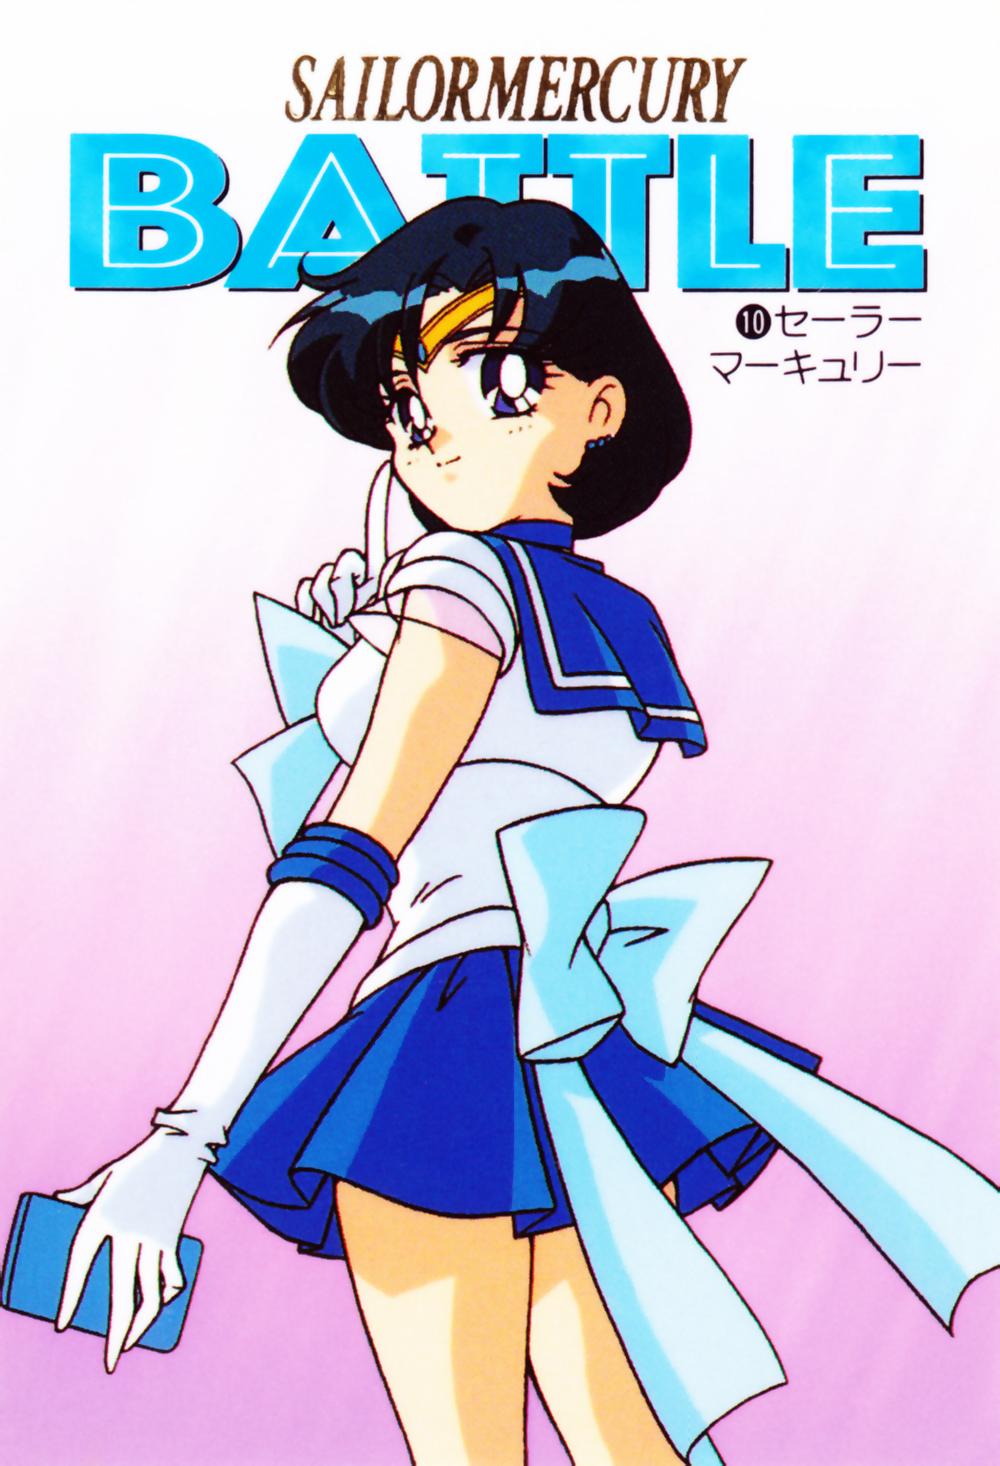 Sailor_moon_ss_battle_10